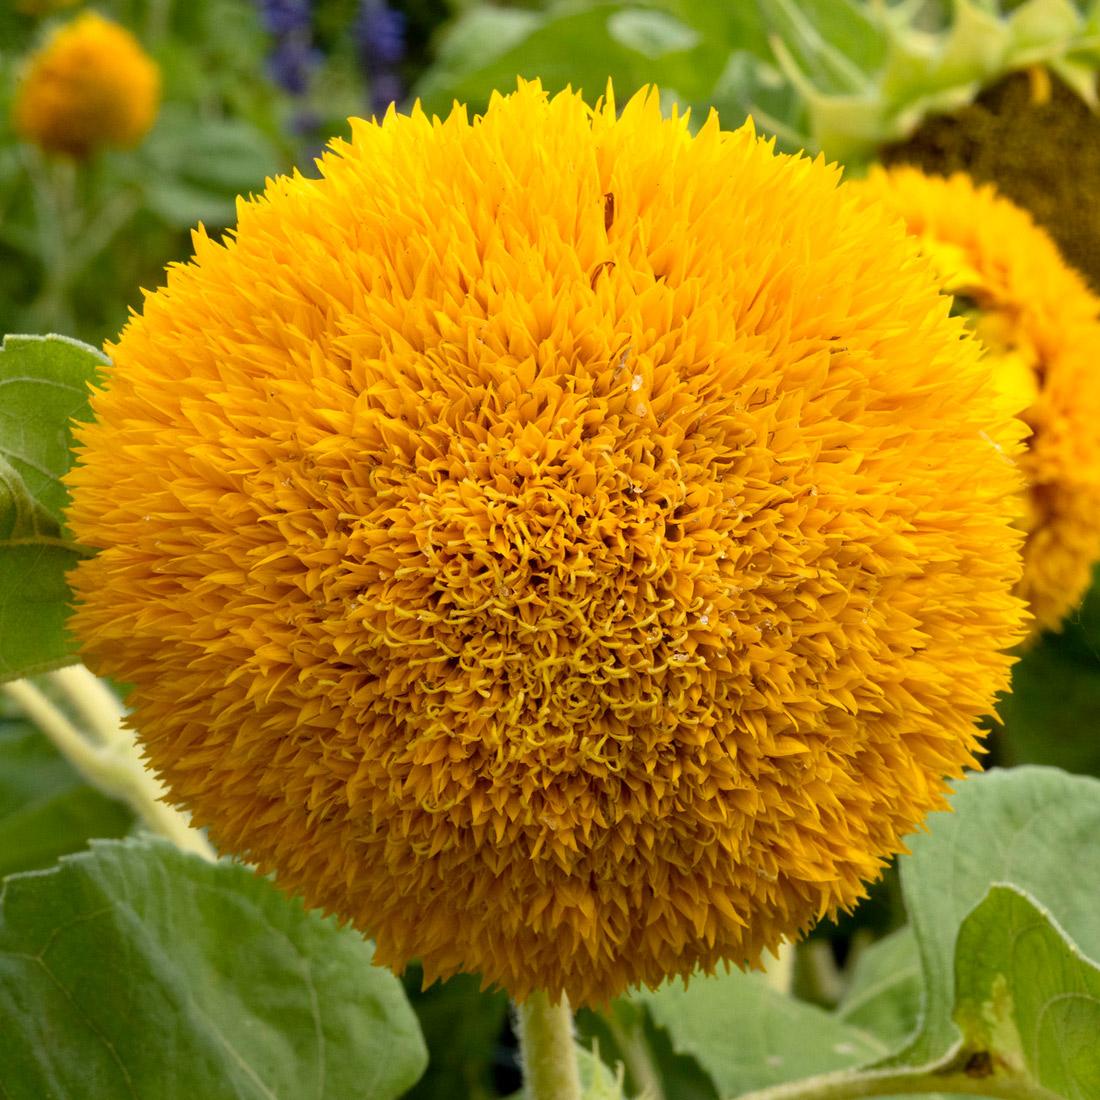 Sunflower Species